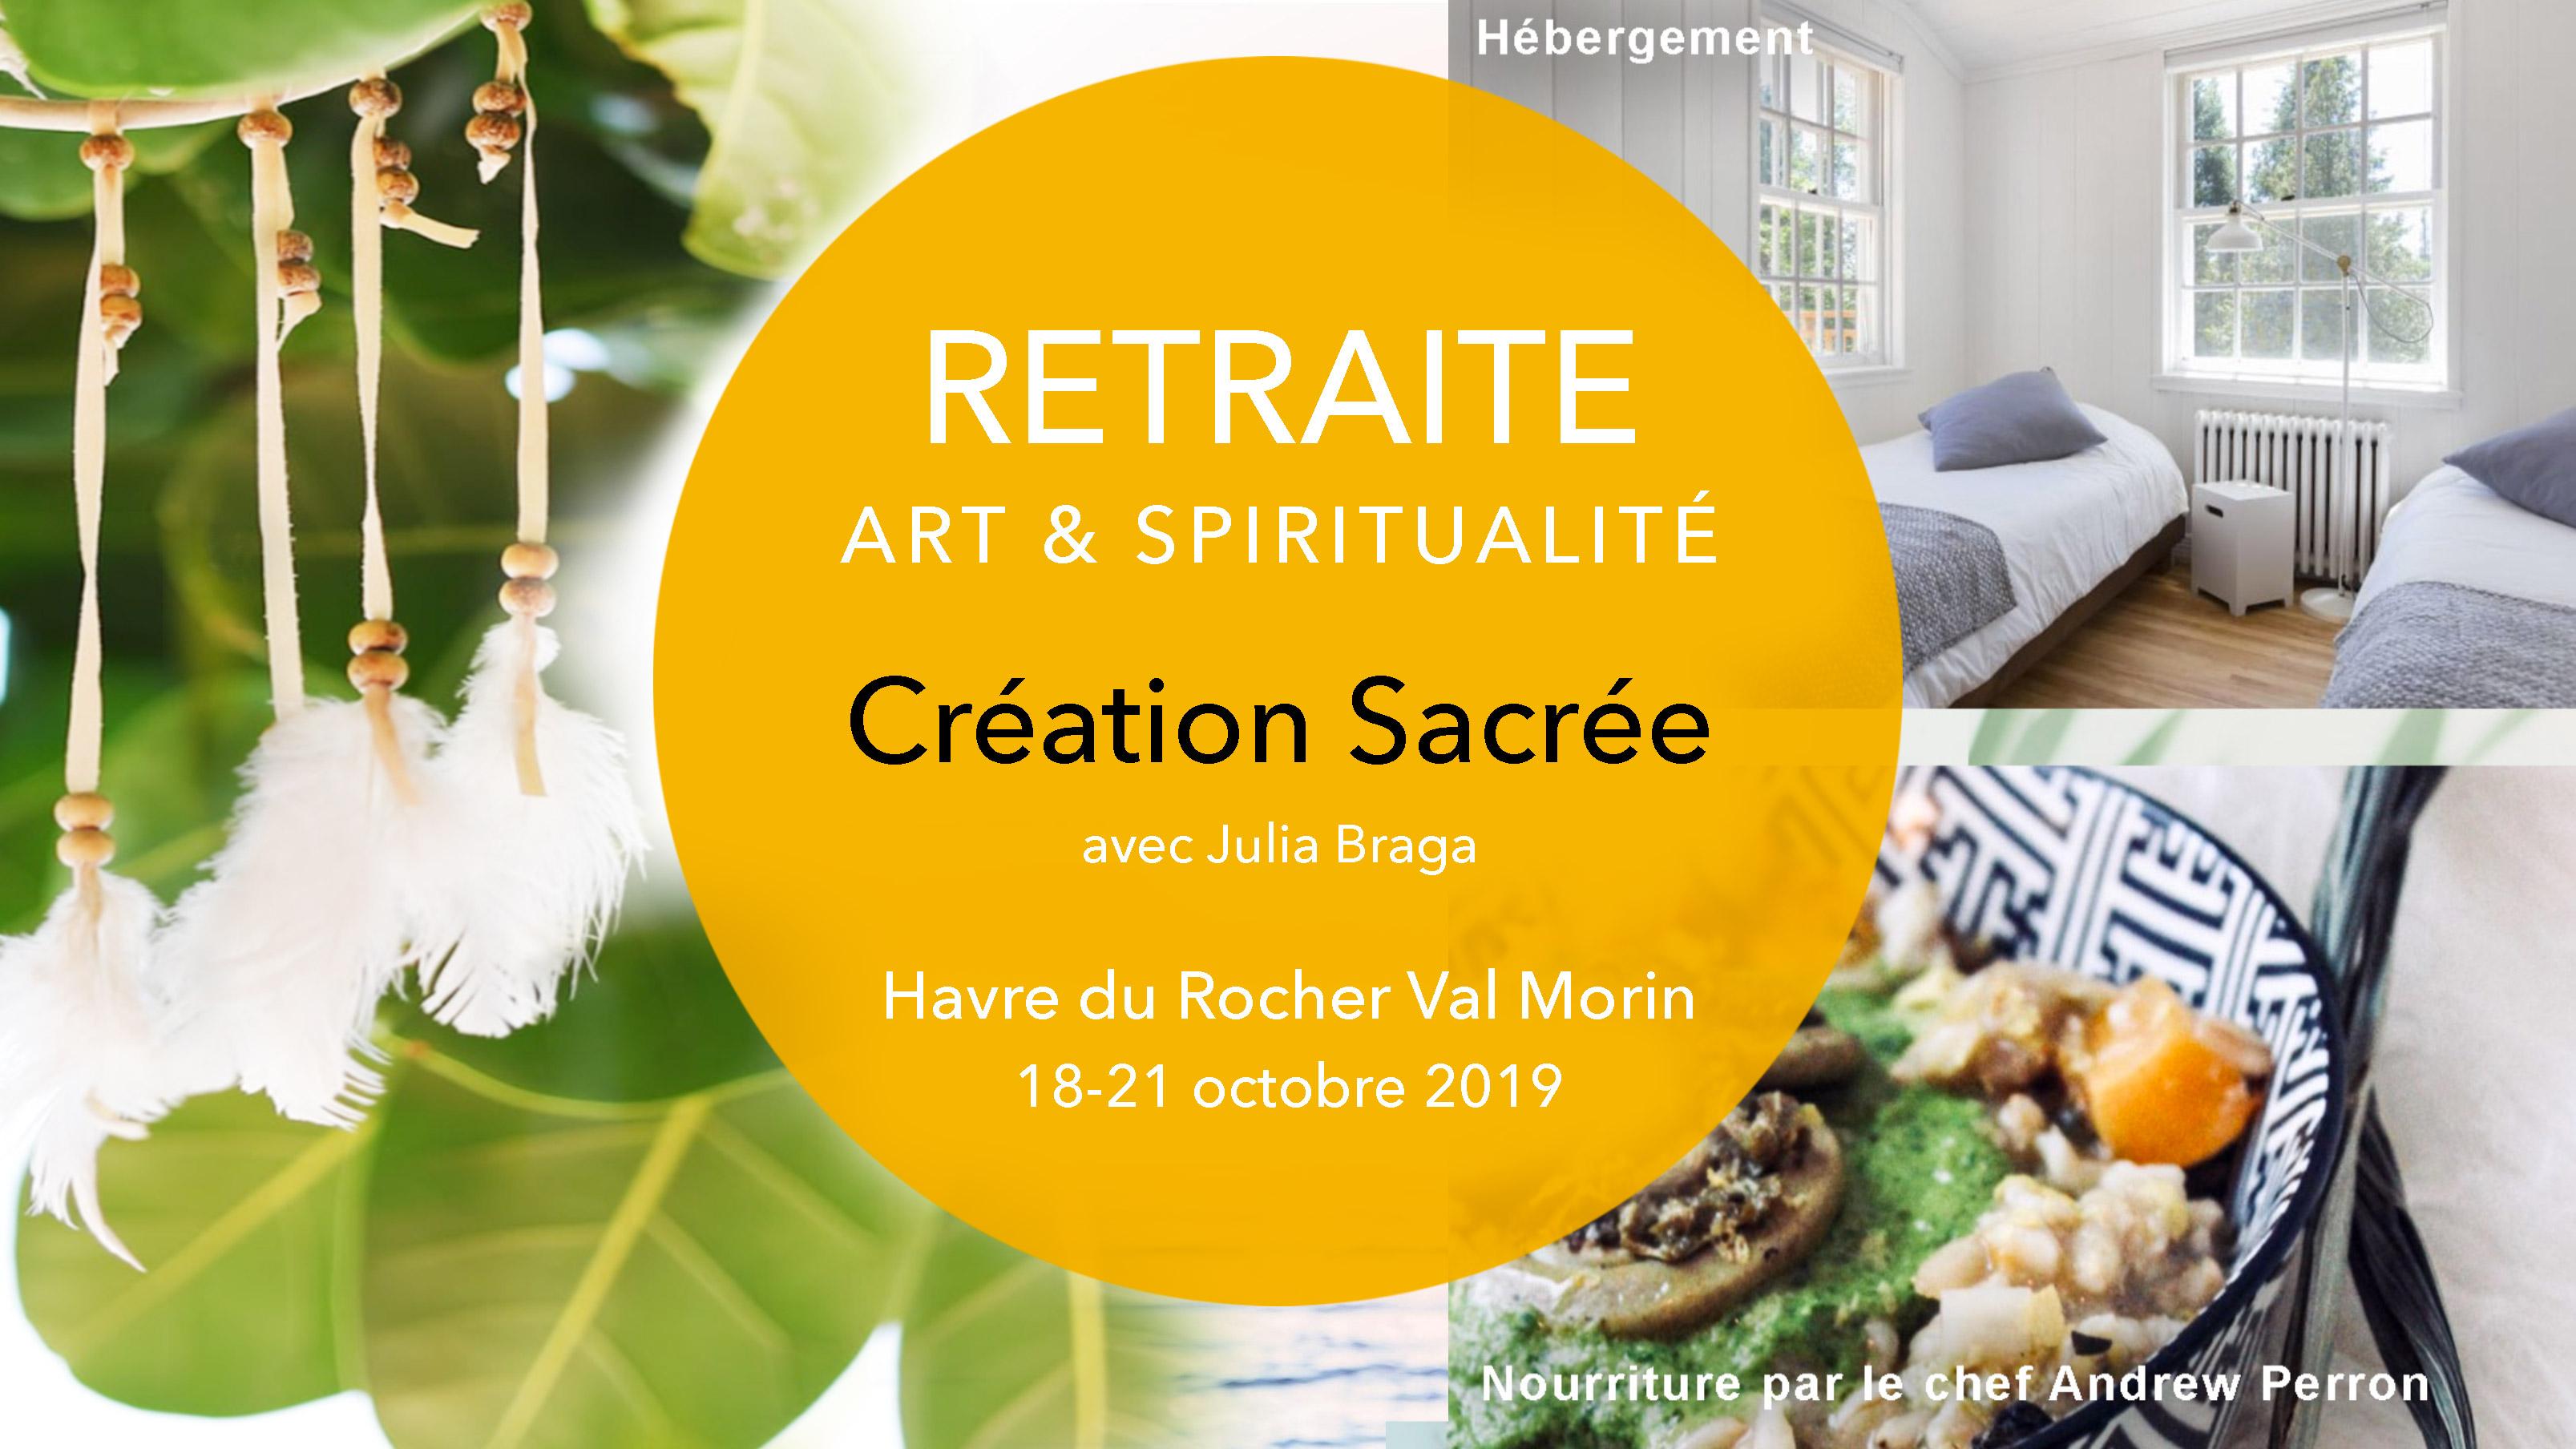 Retraite Création Sacrée - octobre 2019 - Image promo